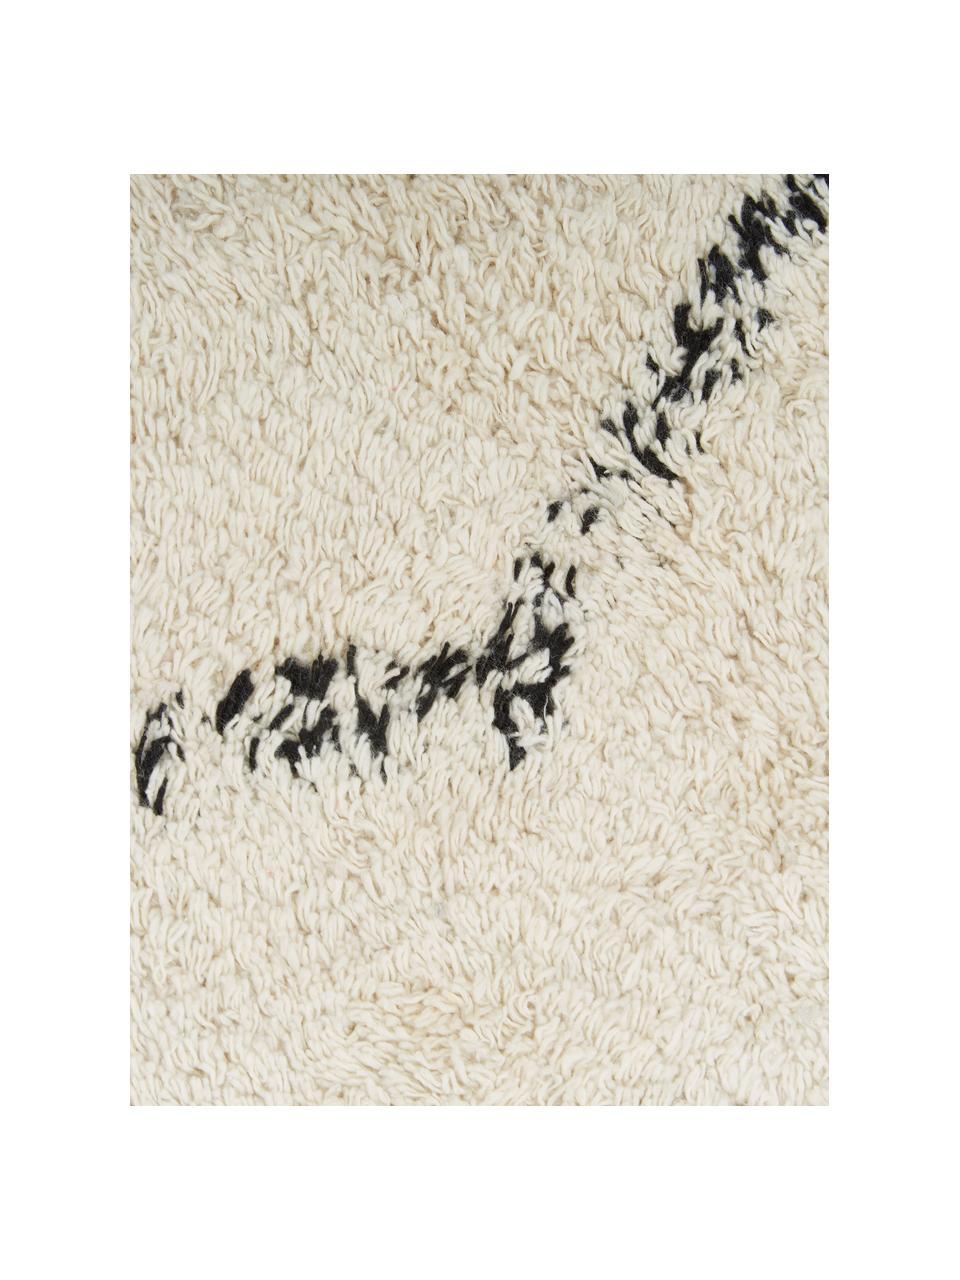 Handgetufteter Baumwollteppich Bina mit Rautenmuster und Fransen, 100% Baumwolle, Beige, Schwarz, B 200 x L 300 cm (Größe L)